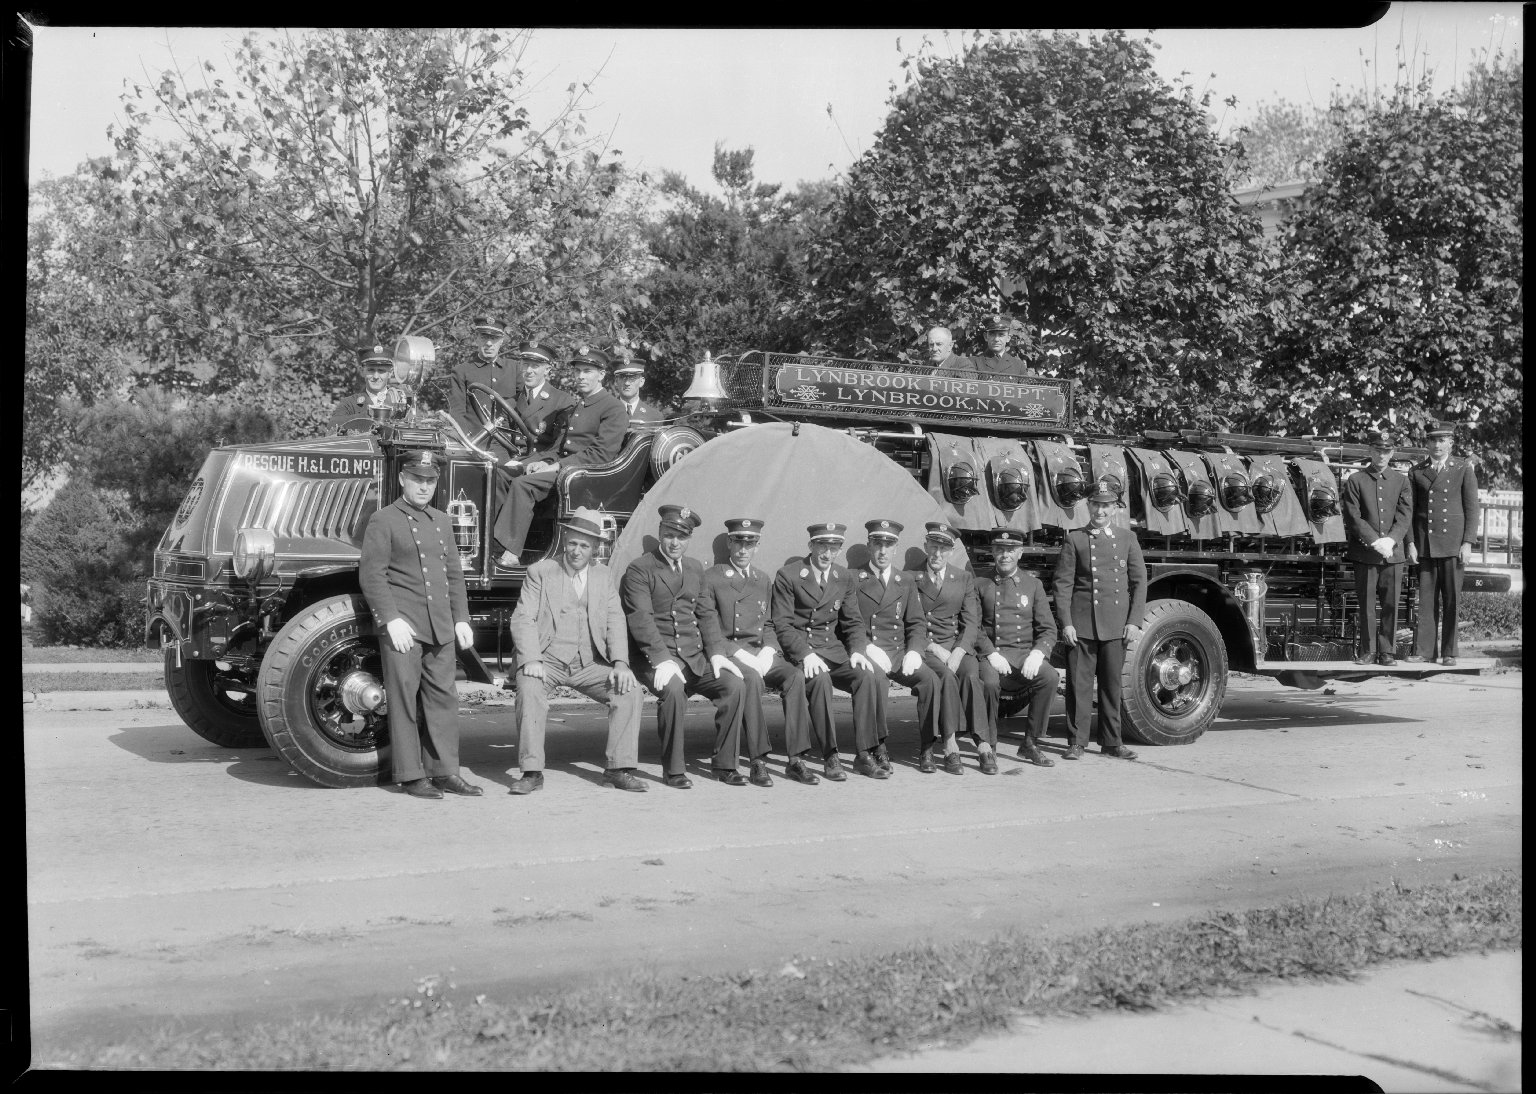 Групповая фотография пожарного департамента Линдбрука, Нью-Йорк, США. Начало 20 века